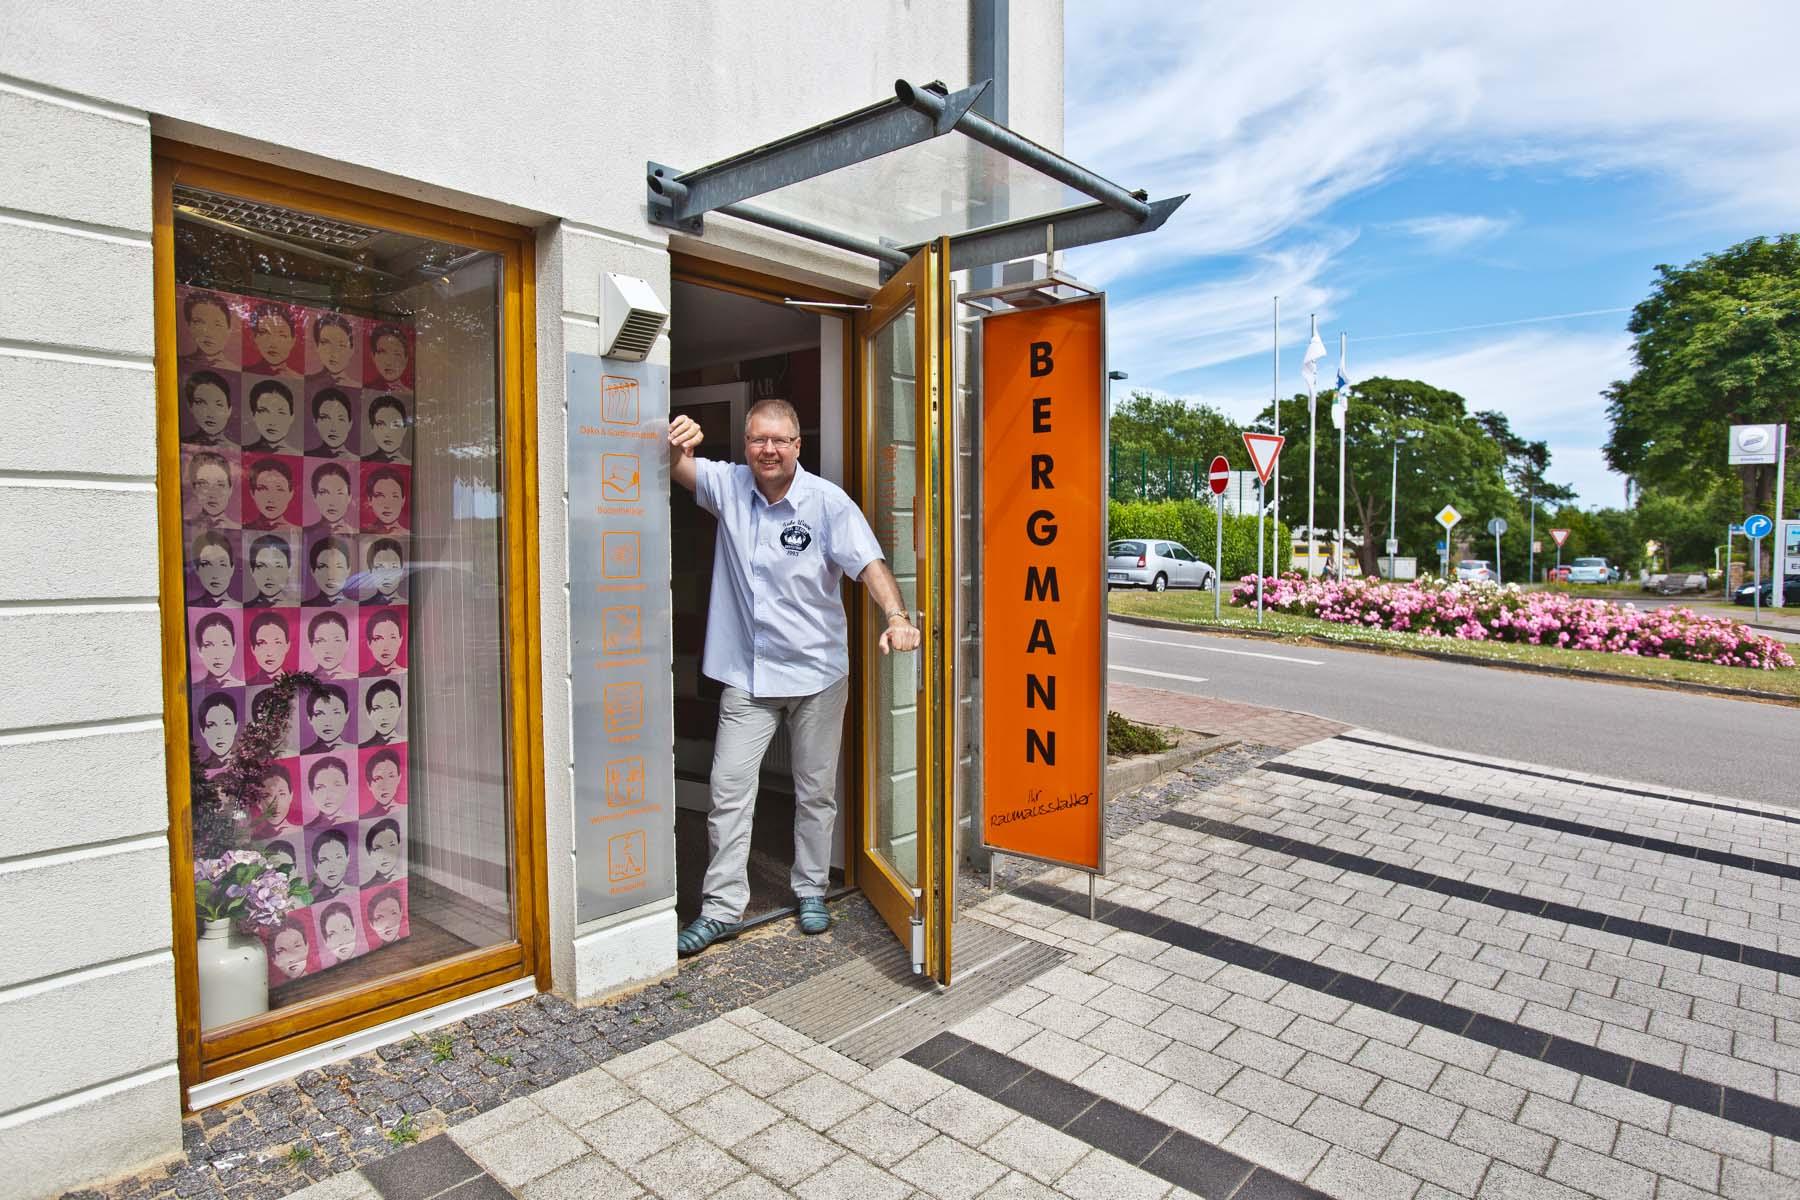 https://bergmann-raumausstatter.de/wp-content/uploads/2016/09/bergmann_raumausstatter_usedom_ueckeritz-11.jpg